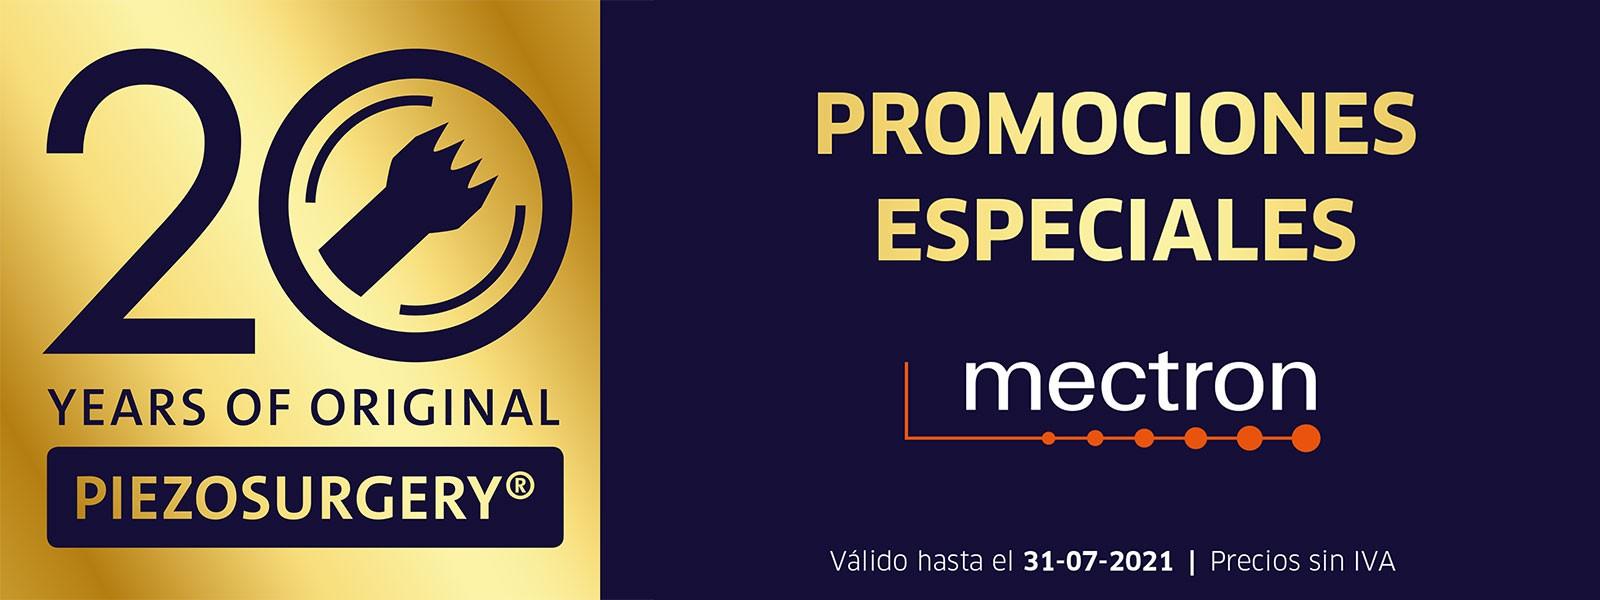 Promociones Especiales Piezosurgery